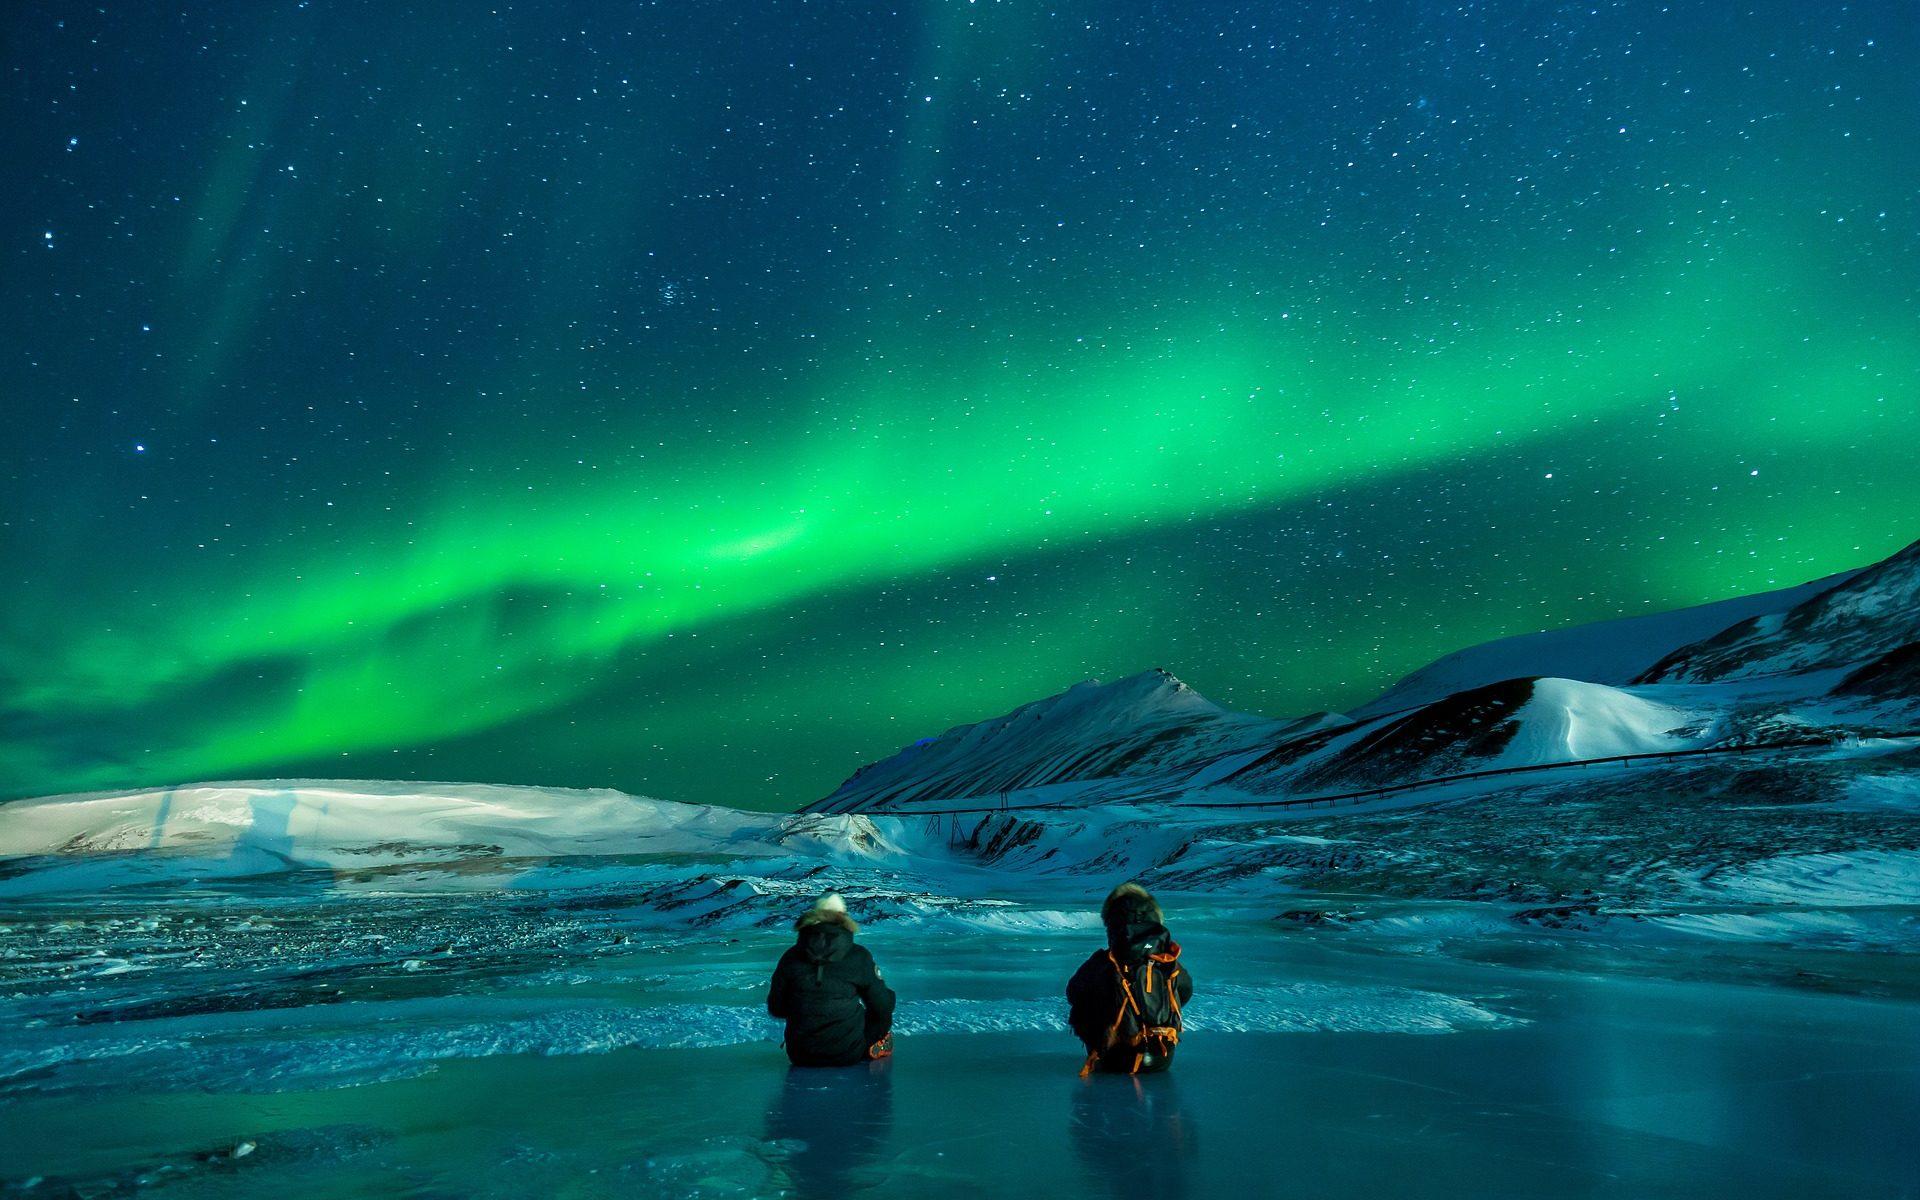 Deux voyageurs assis sur un lac gelé admirent une aurore boréale